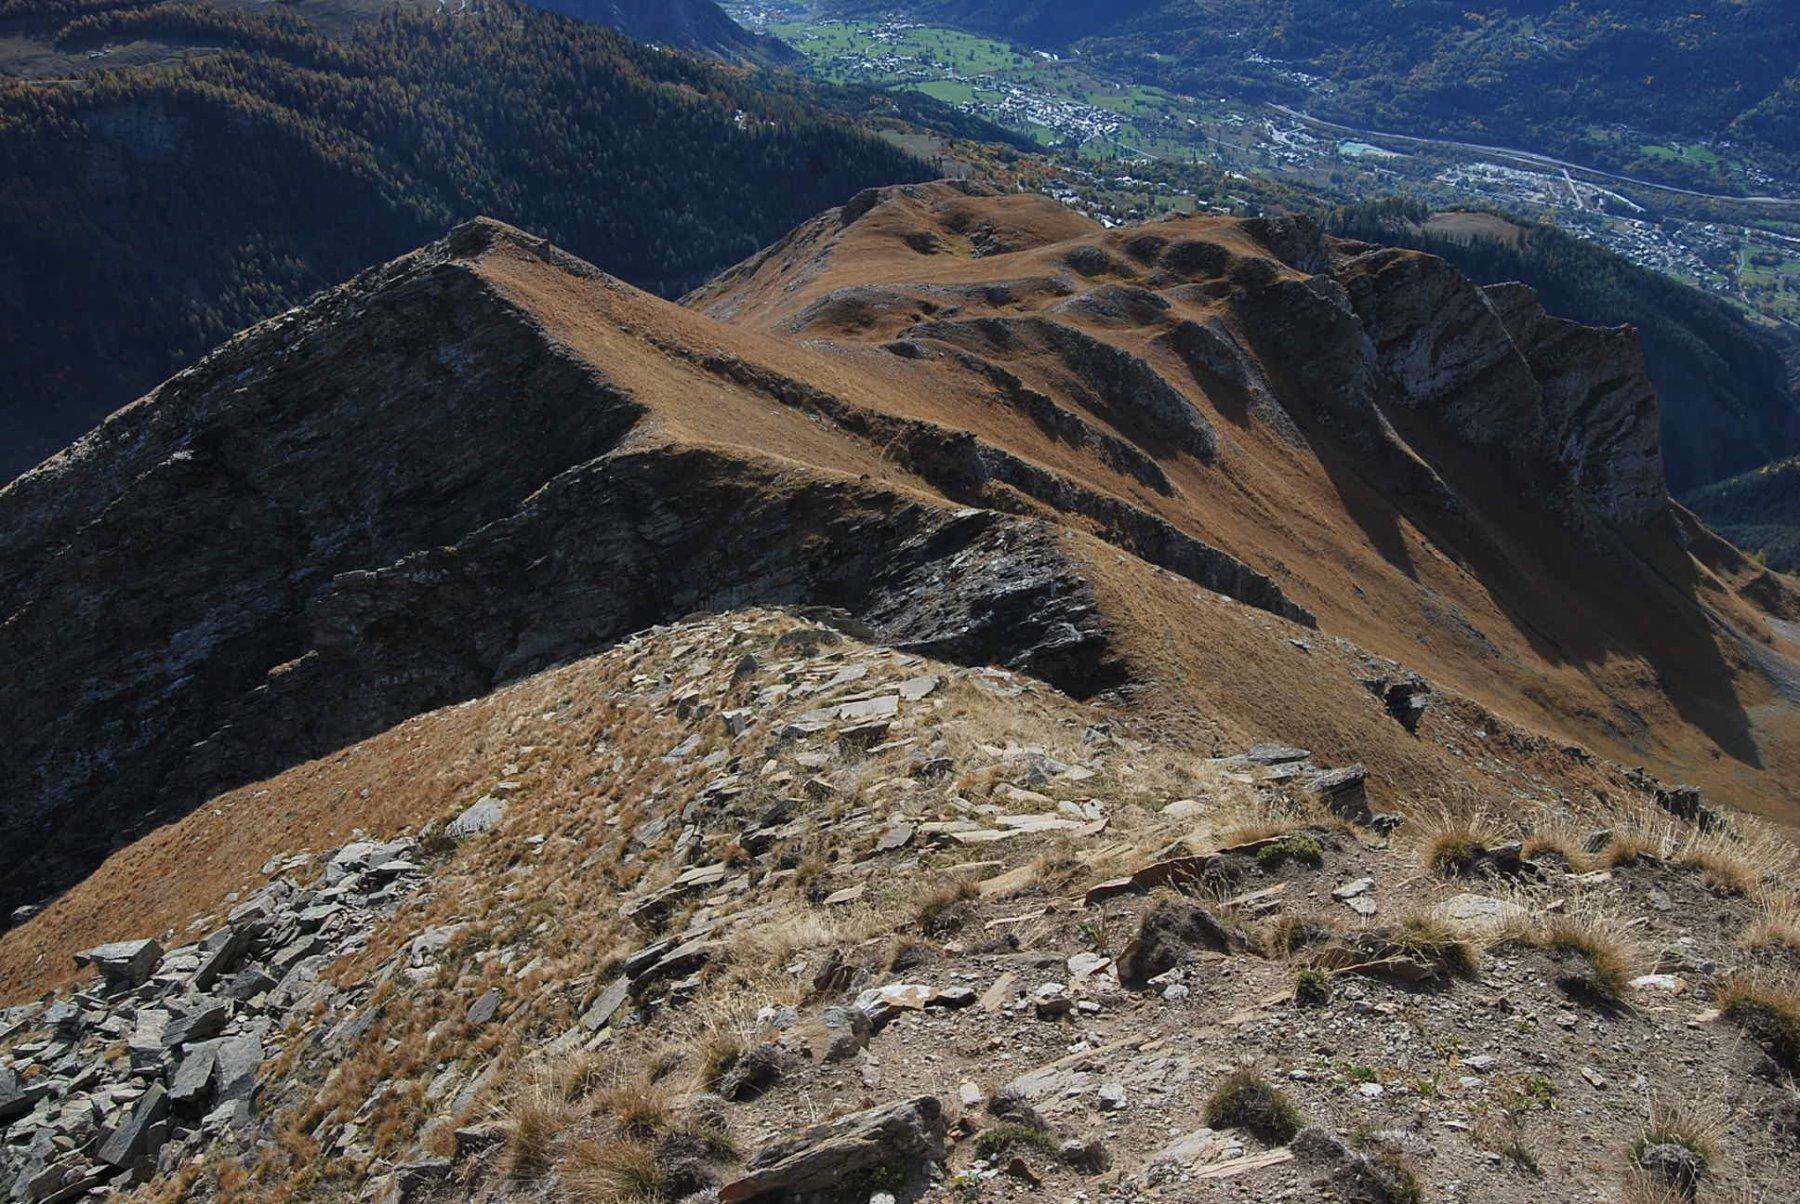 L'immagine di prima invertita: Tete Noire e Aouille viste dalla cima 2825, con l'intaglio e canalone che le separa